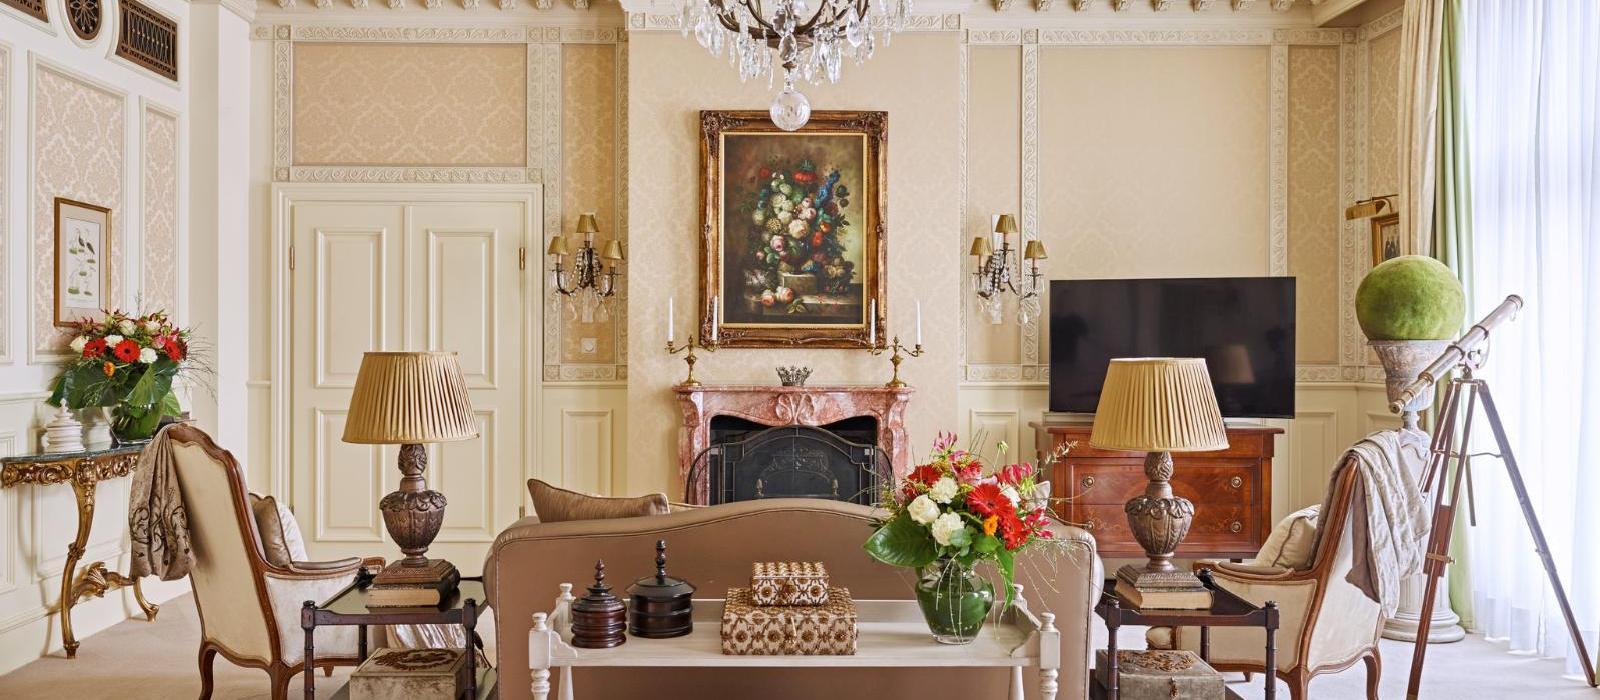 维也纳大酒店(Grand Hotel Wien) 套房图片  www.lhw.cn